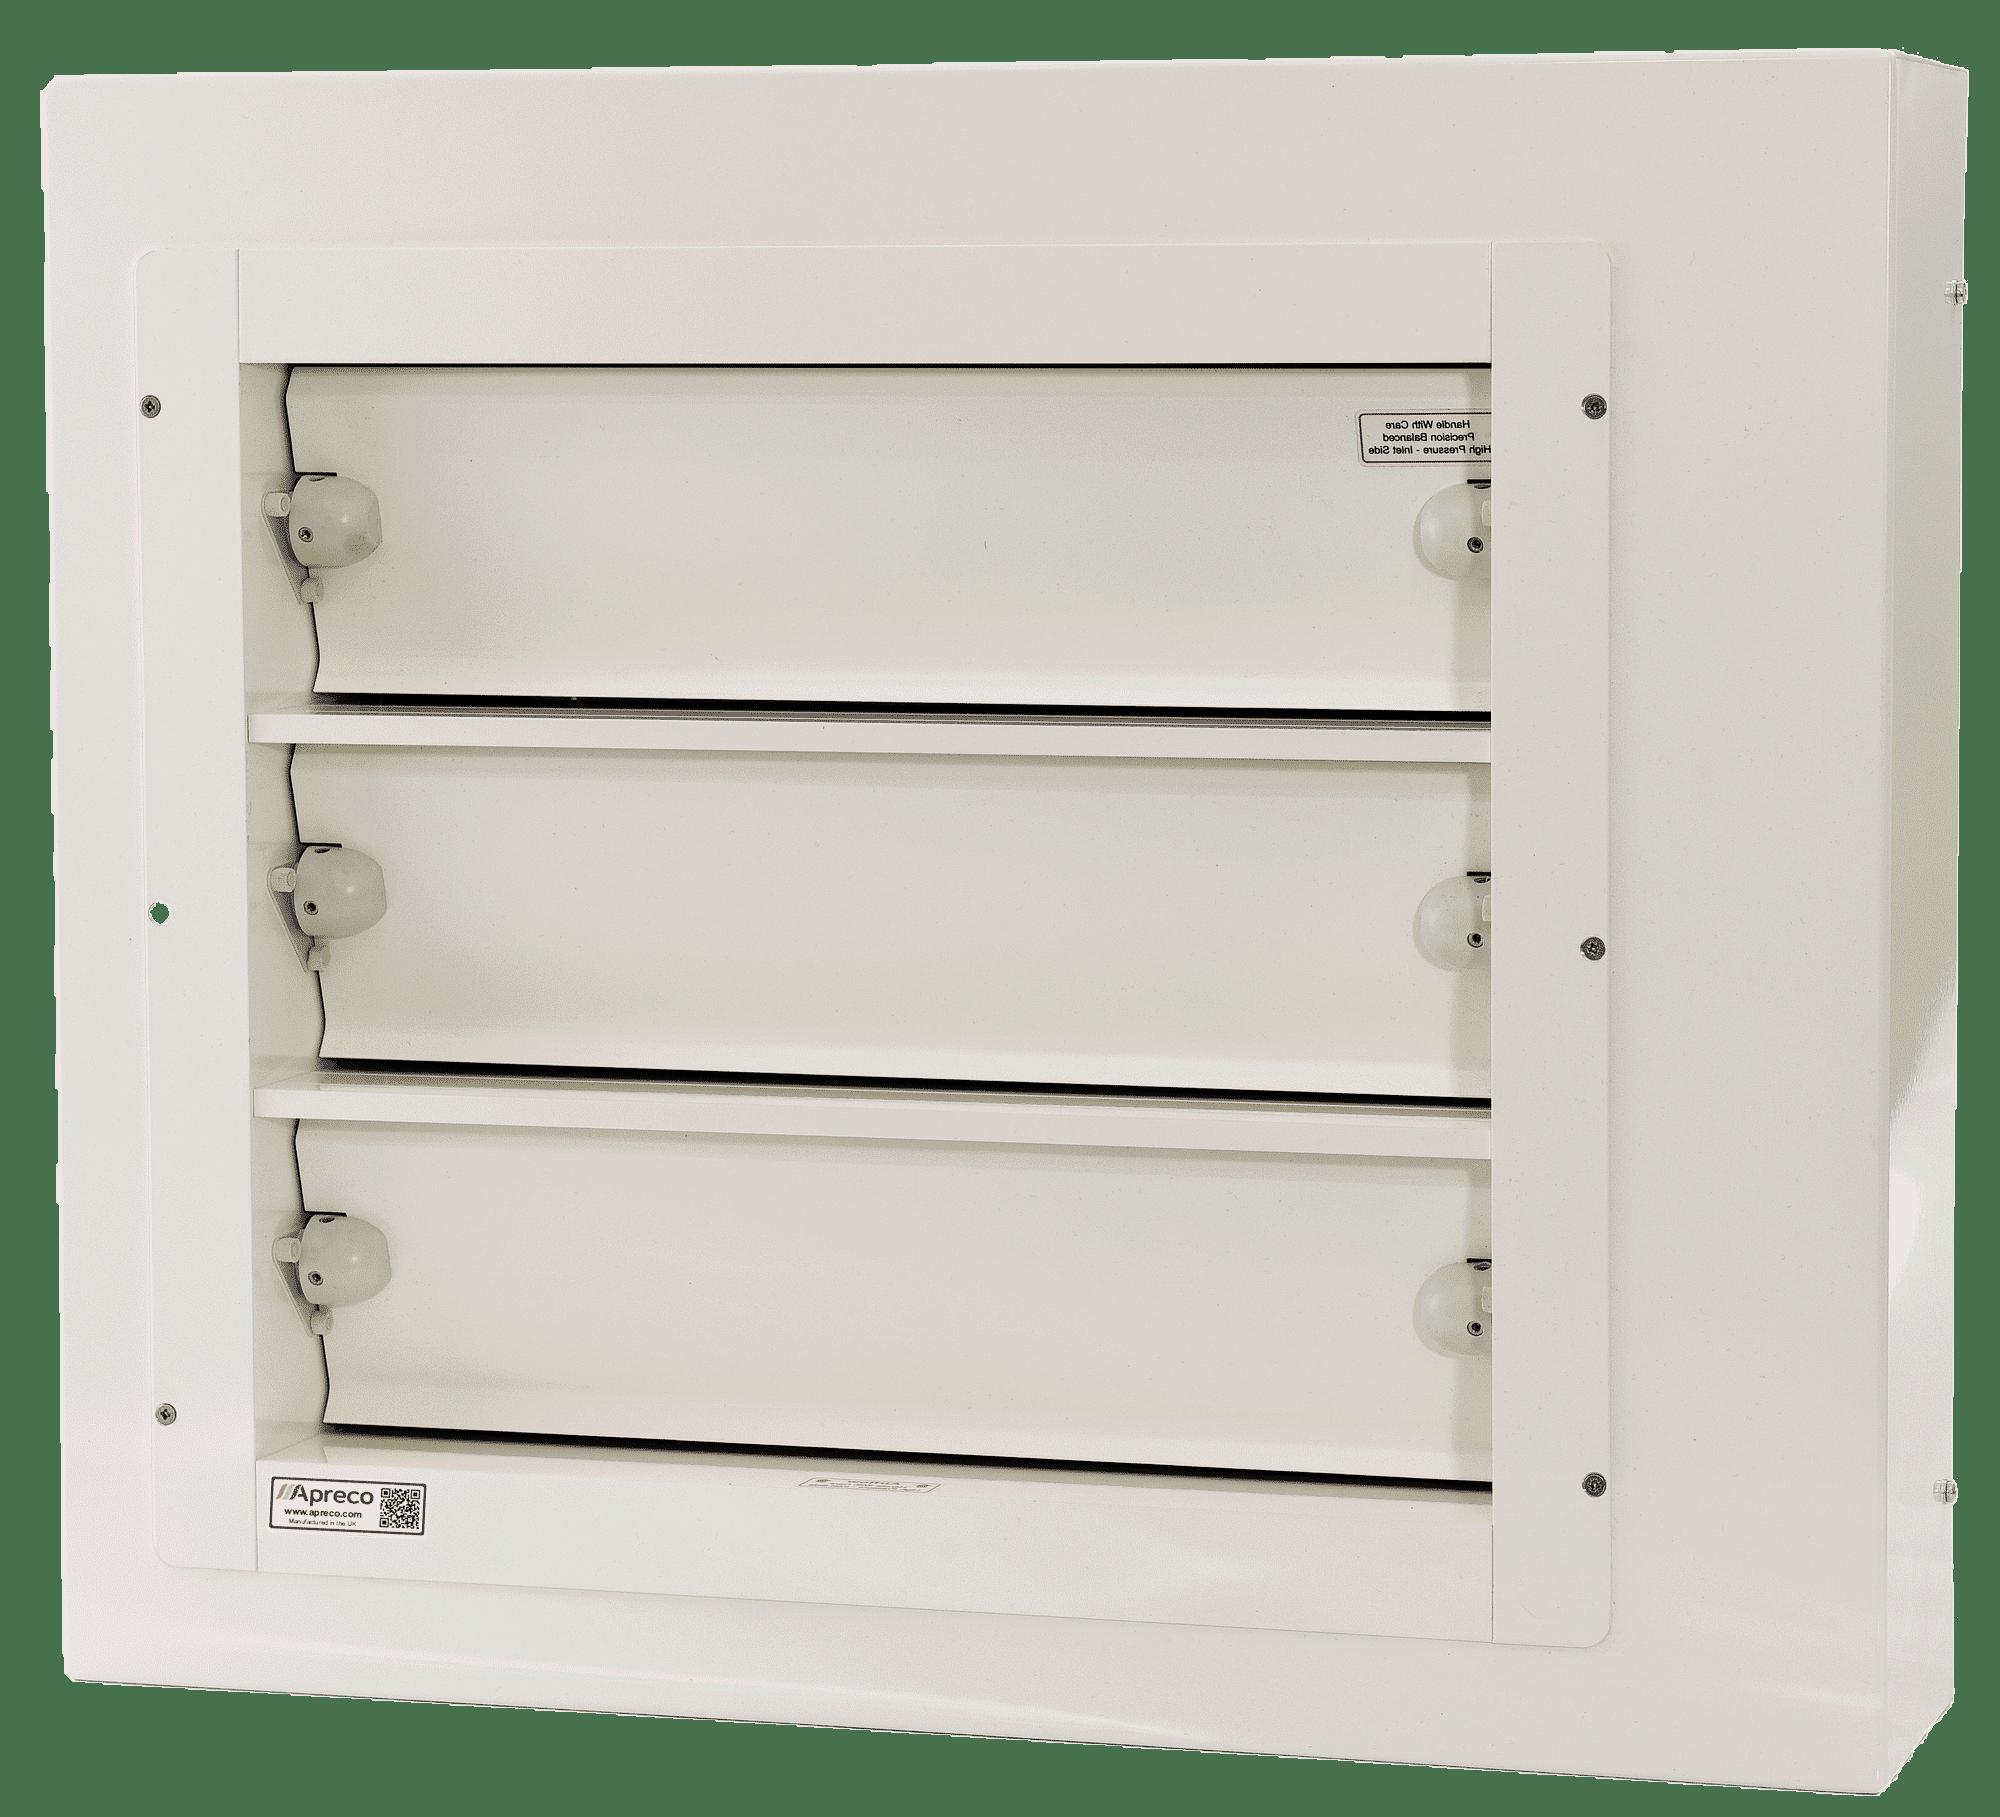 Apsx-fss-air-pressure-stabiliser-1